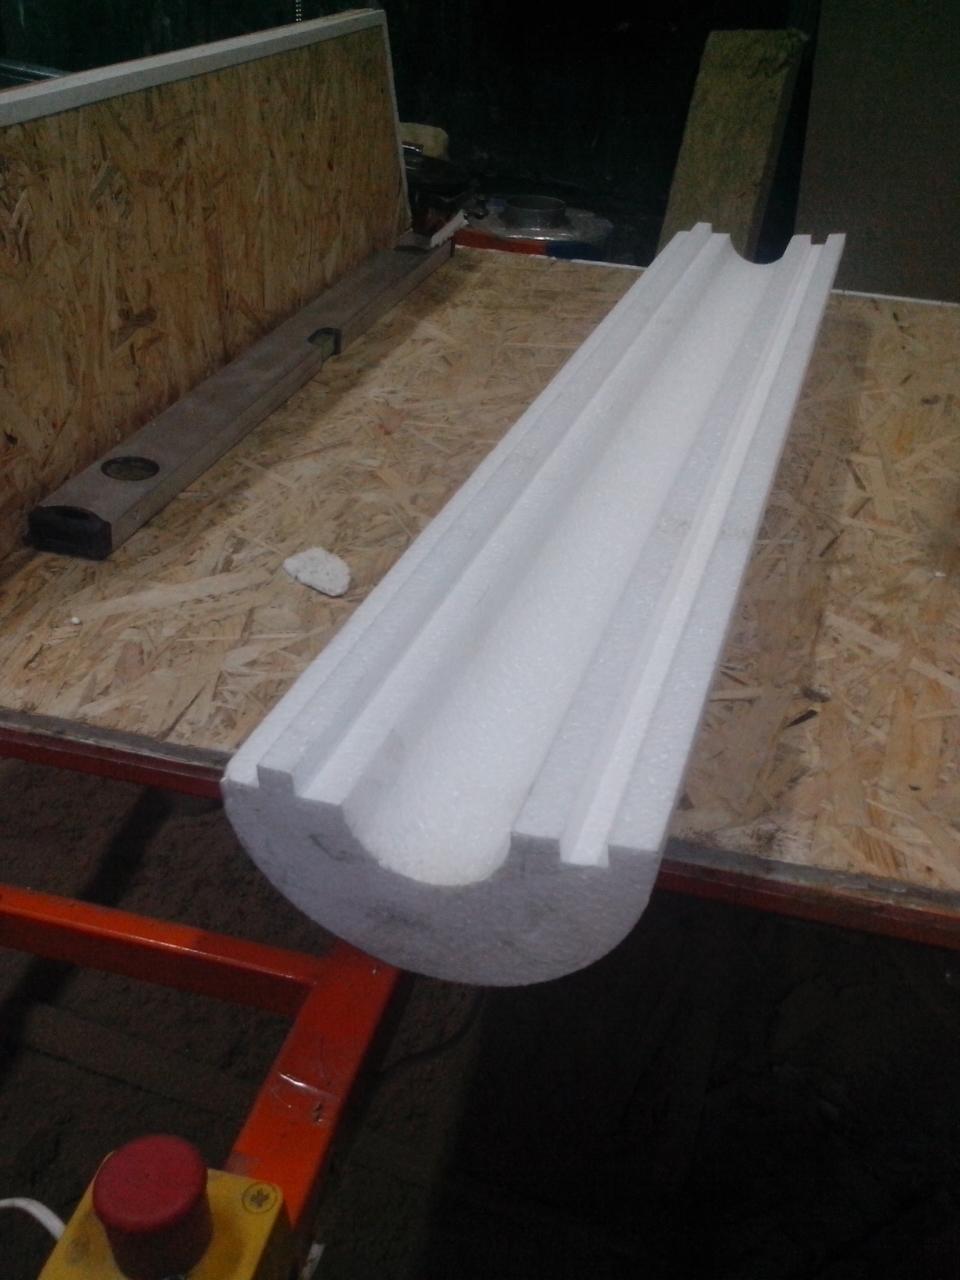 Утеплитель из пенопласта (пенополистирола) для труб Ø 76 мм толщиной 60 мм